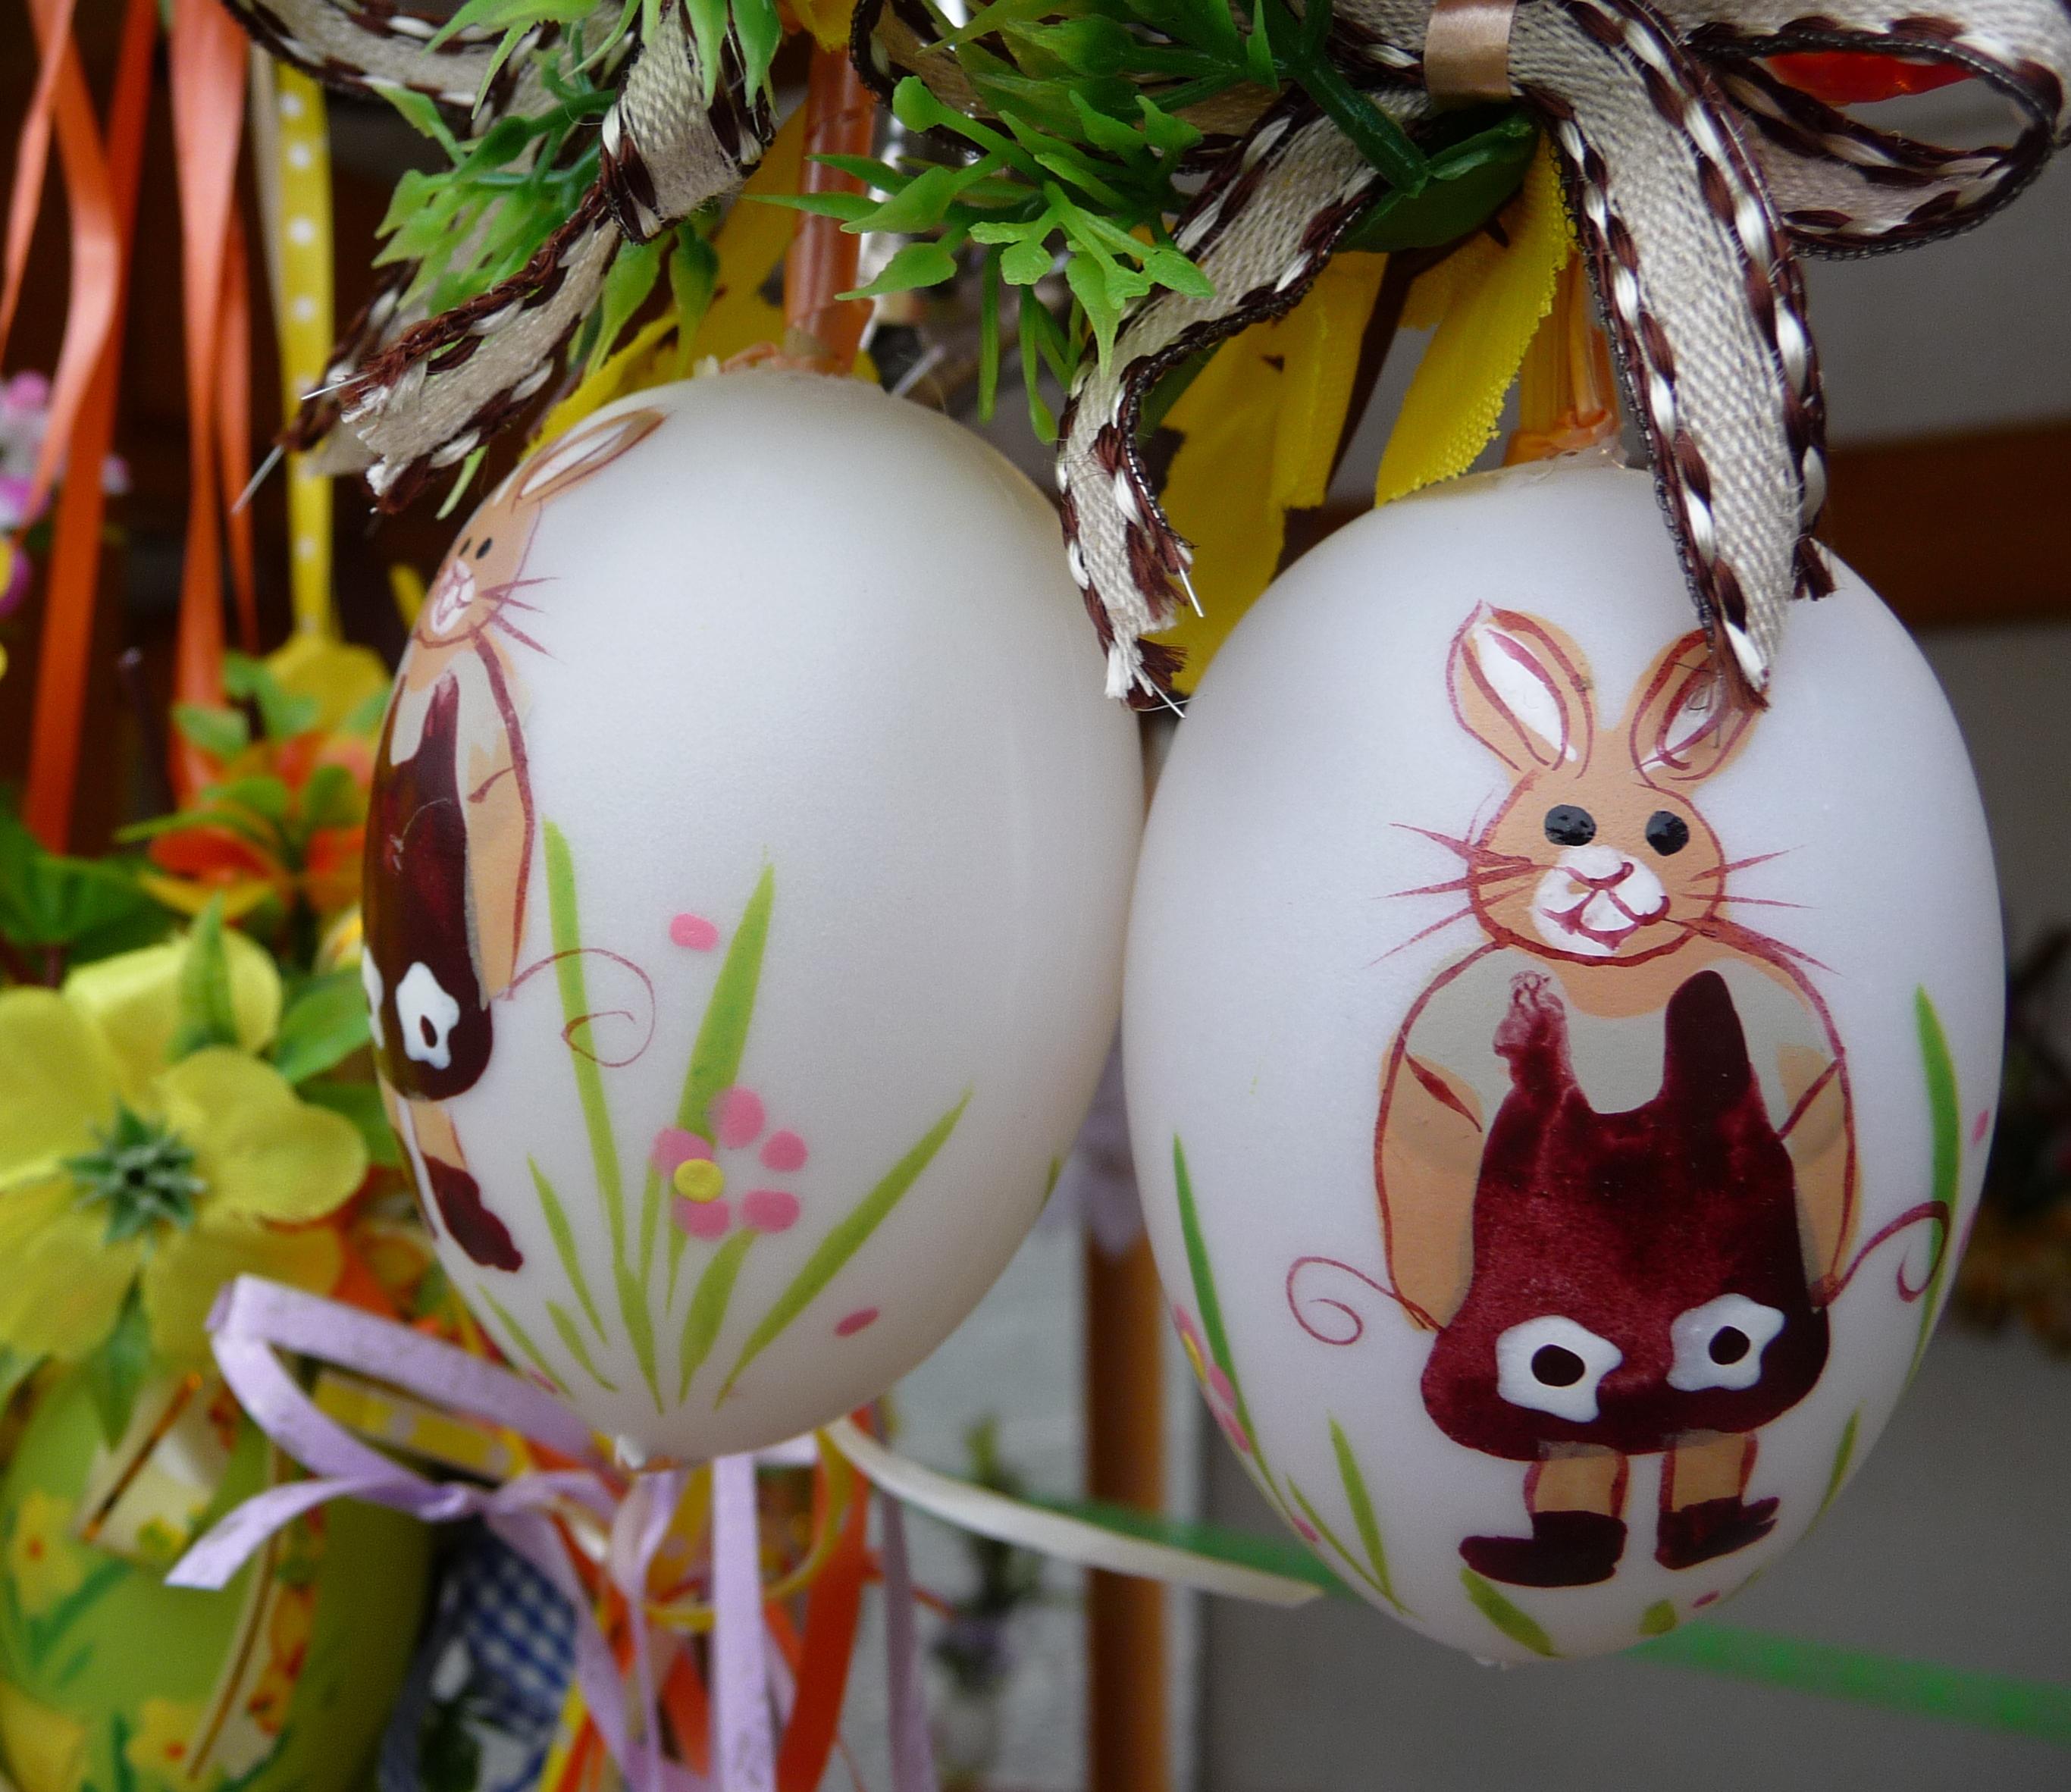 velikonoční zajíc (kopie)